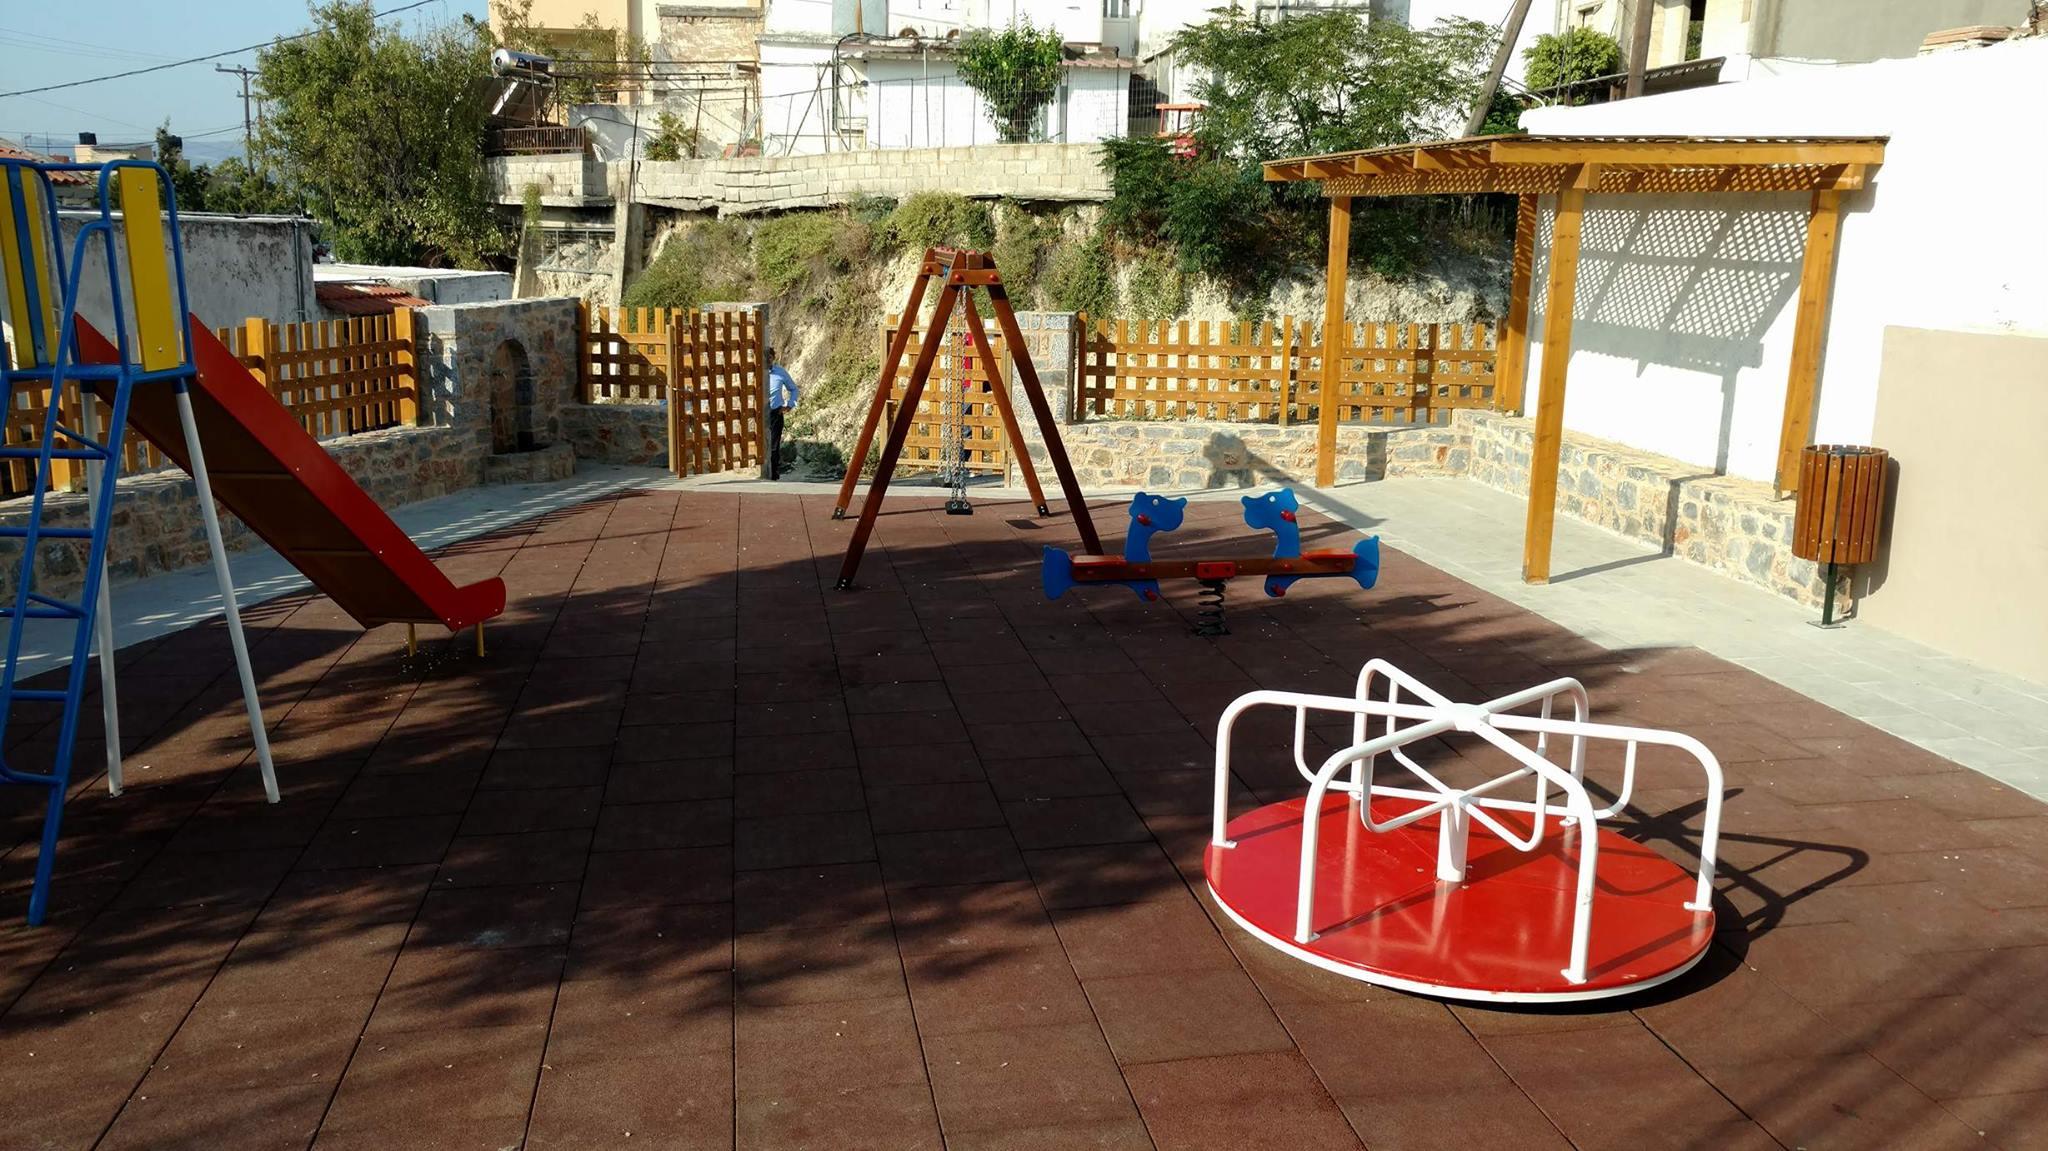 Ο Δήμος Ηρακλείου ανακατασκευάζει τις παιδικές χαρές-Εικόνες